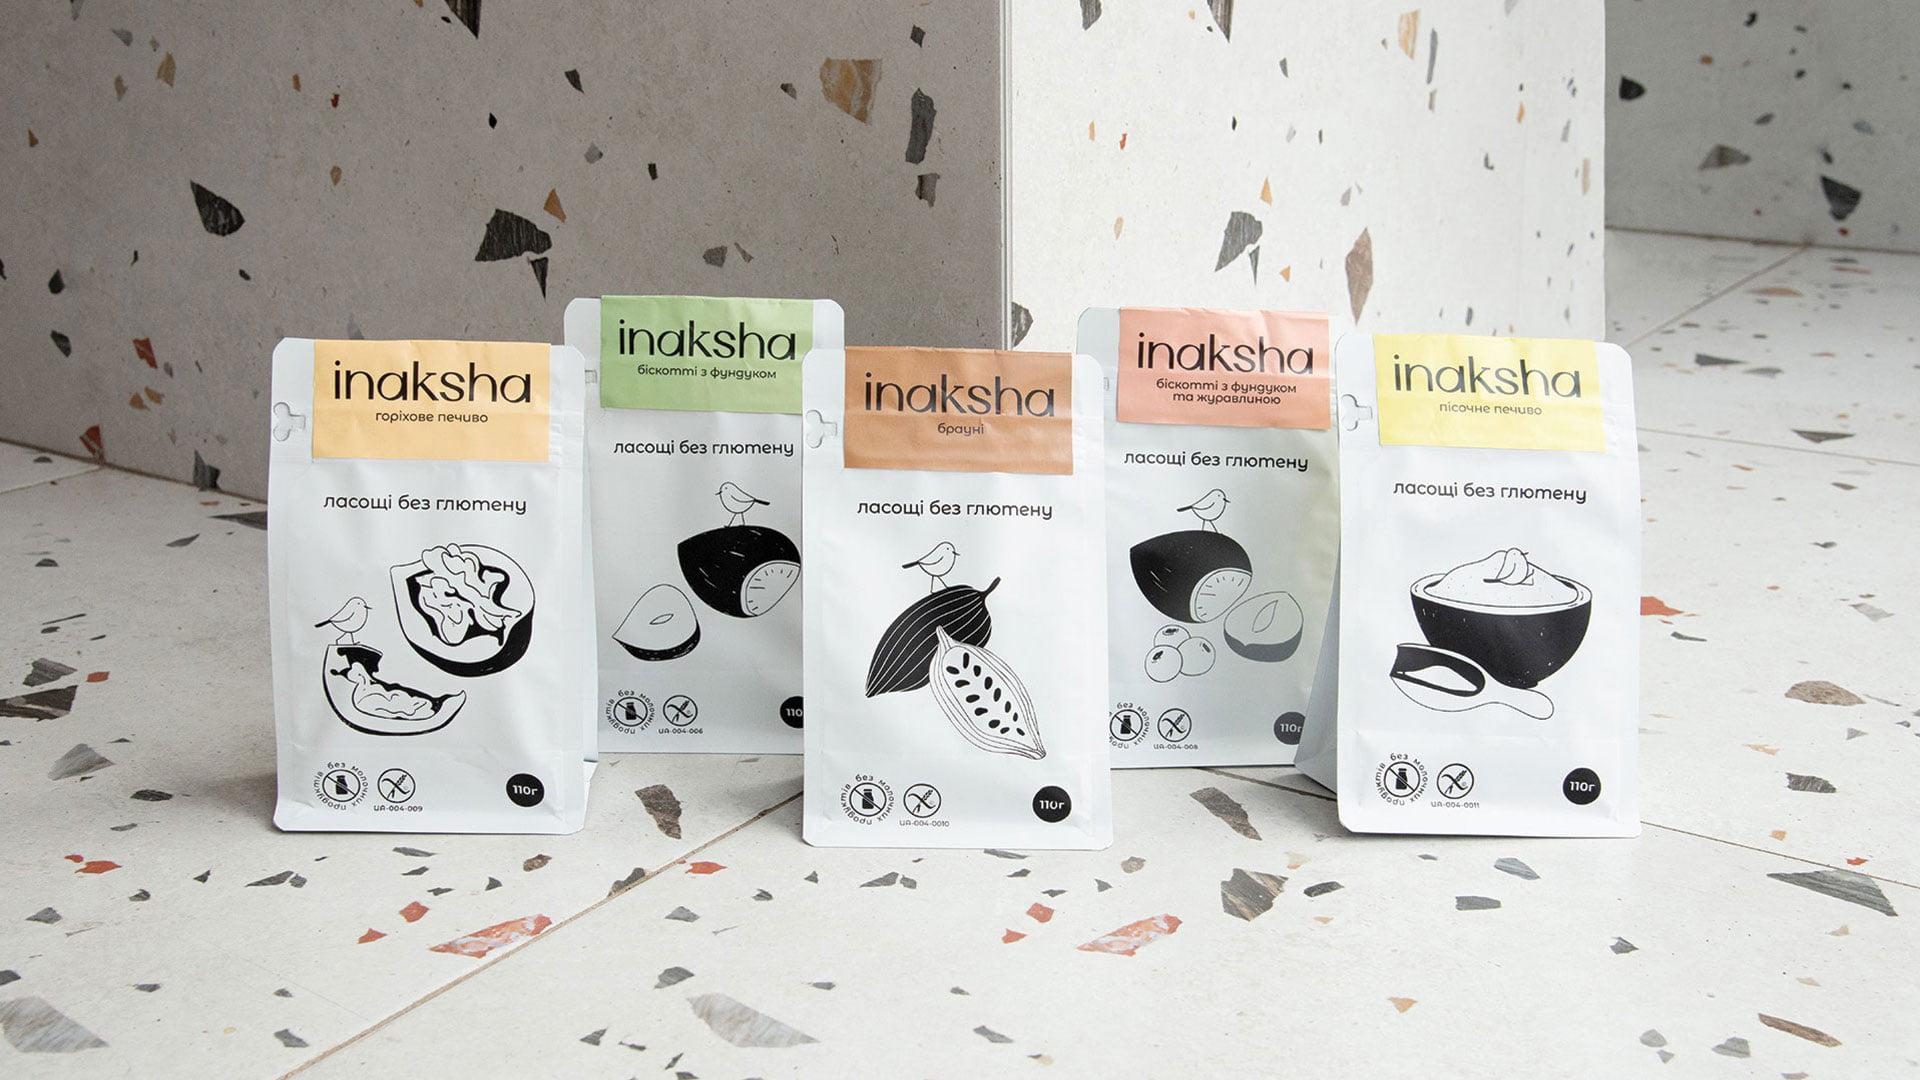 gra brand design inaksha 4